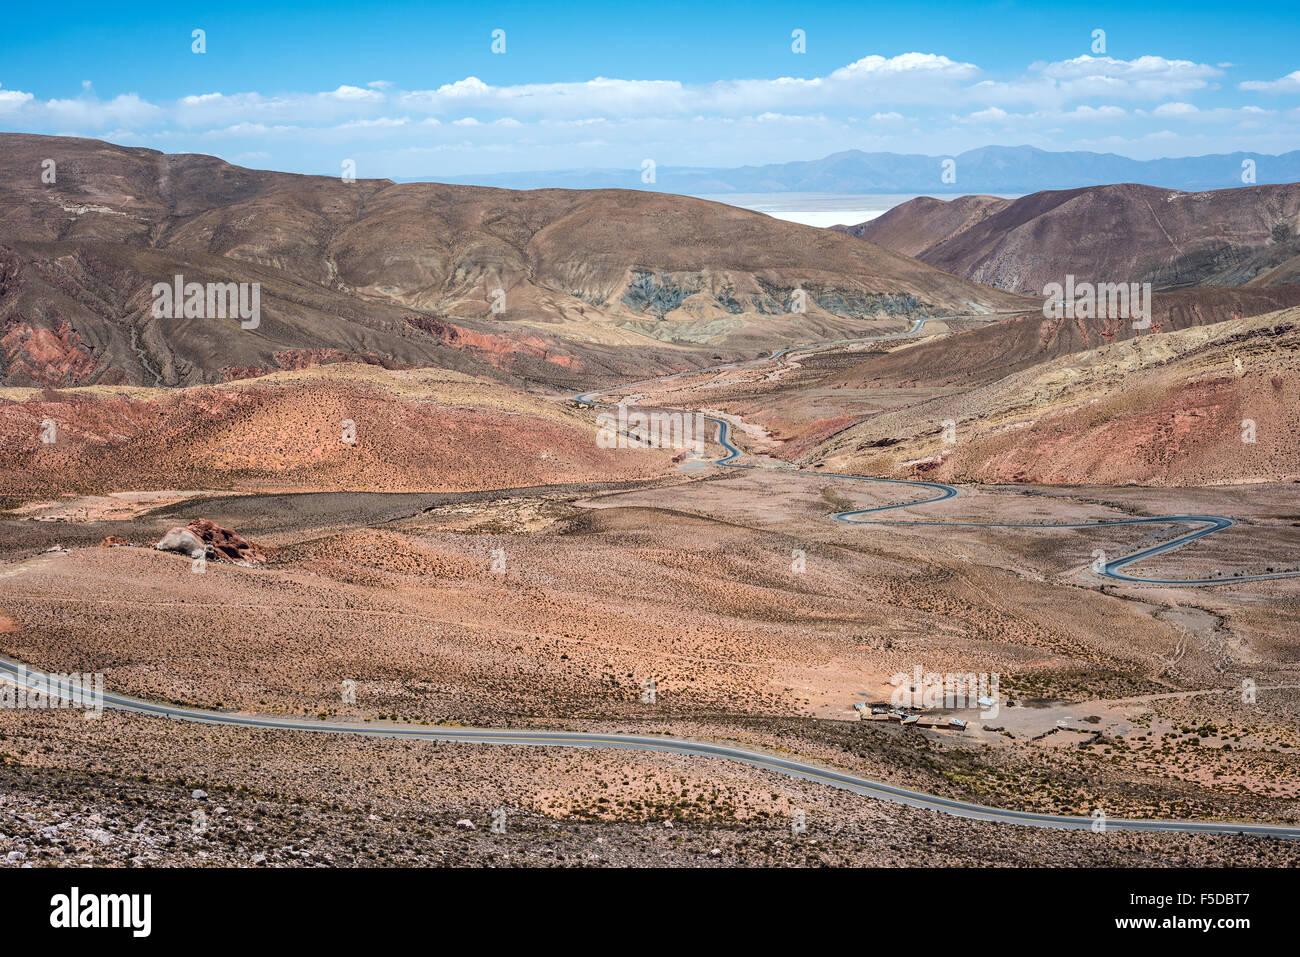 Nord-ovest Argentina - Salinas Grandes il paesaggio del deserto Foto Stock